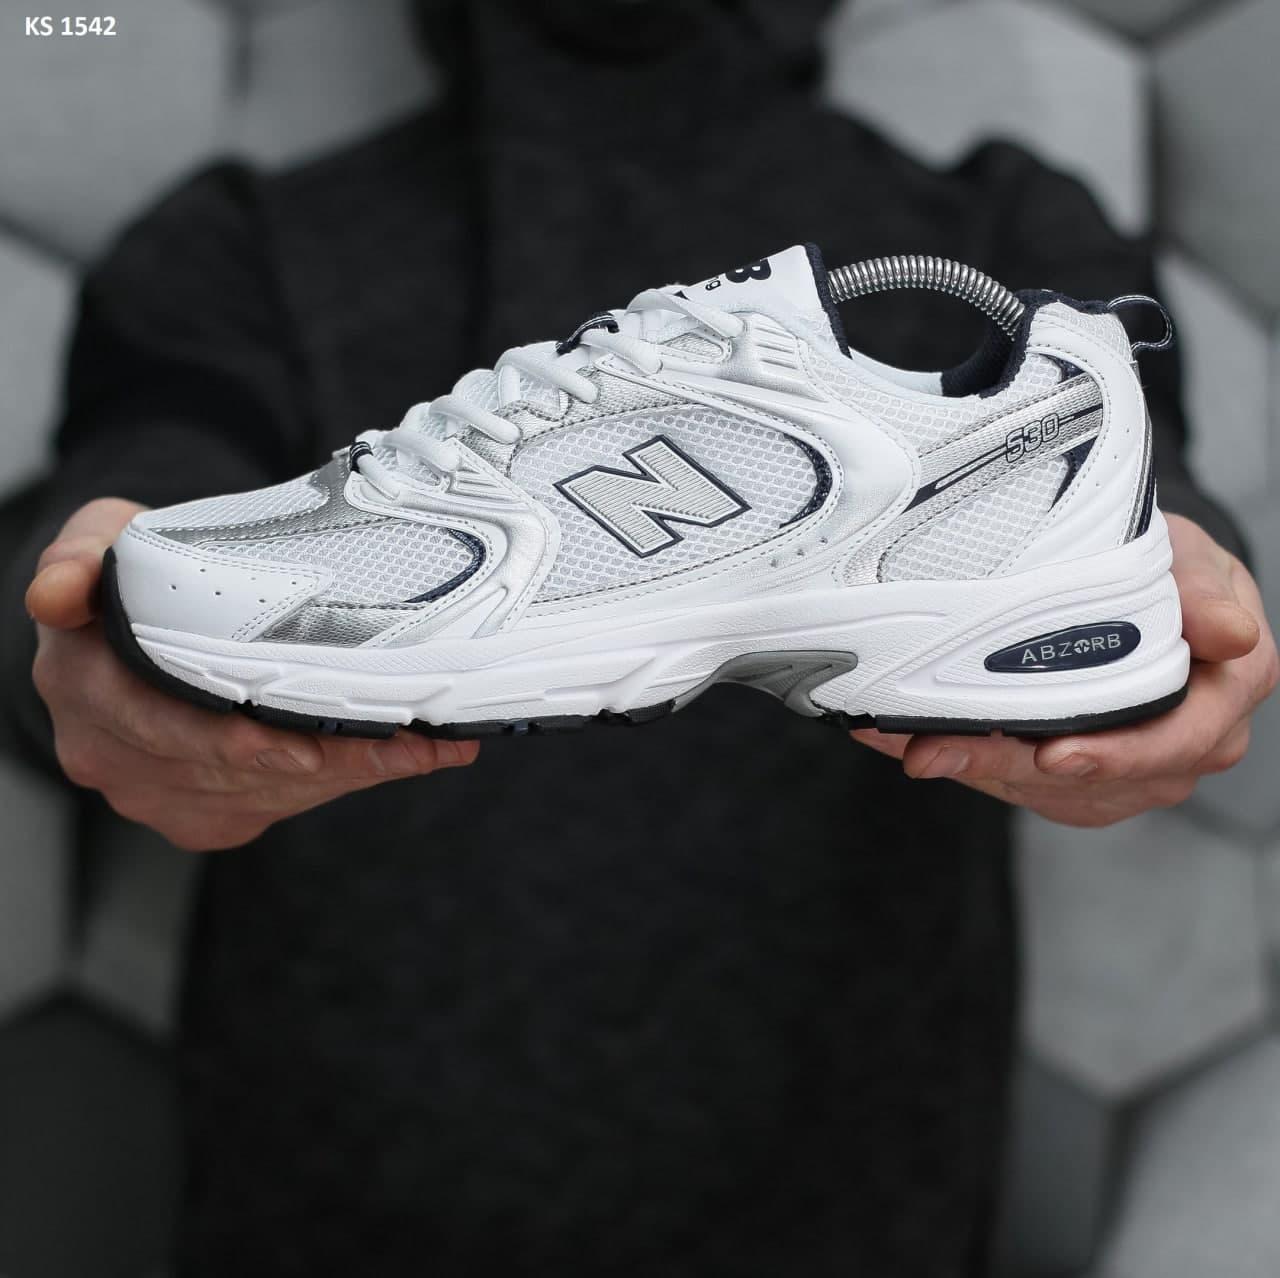 Мужские кроссовки New Balance 530 abzorb (белые) KS 1542 спортивные крутые кроссы